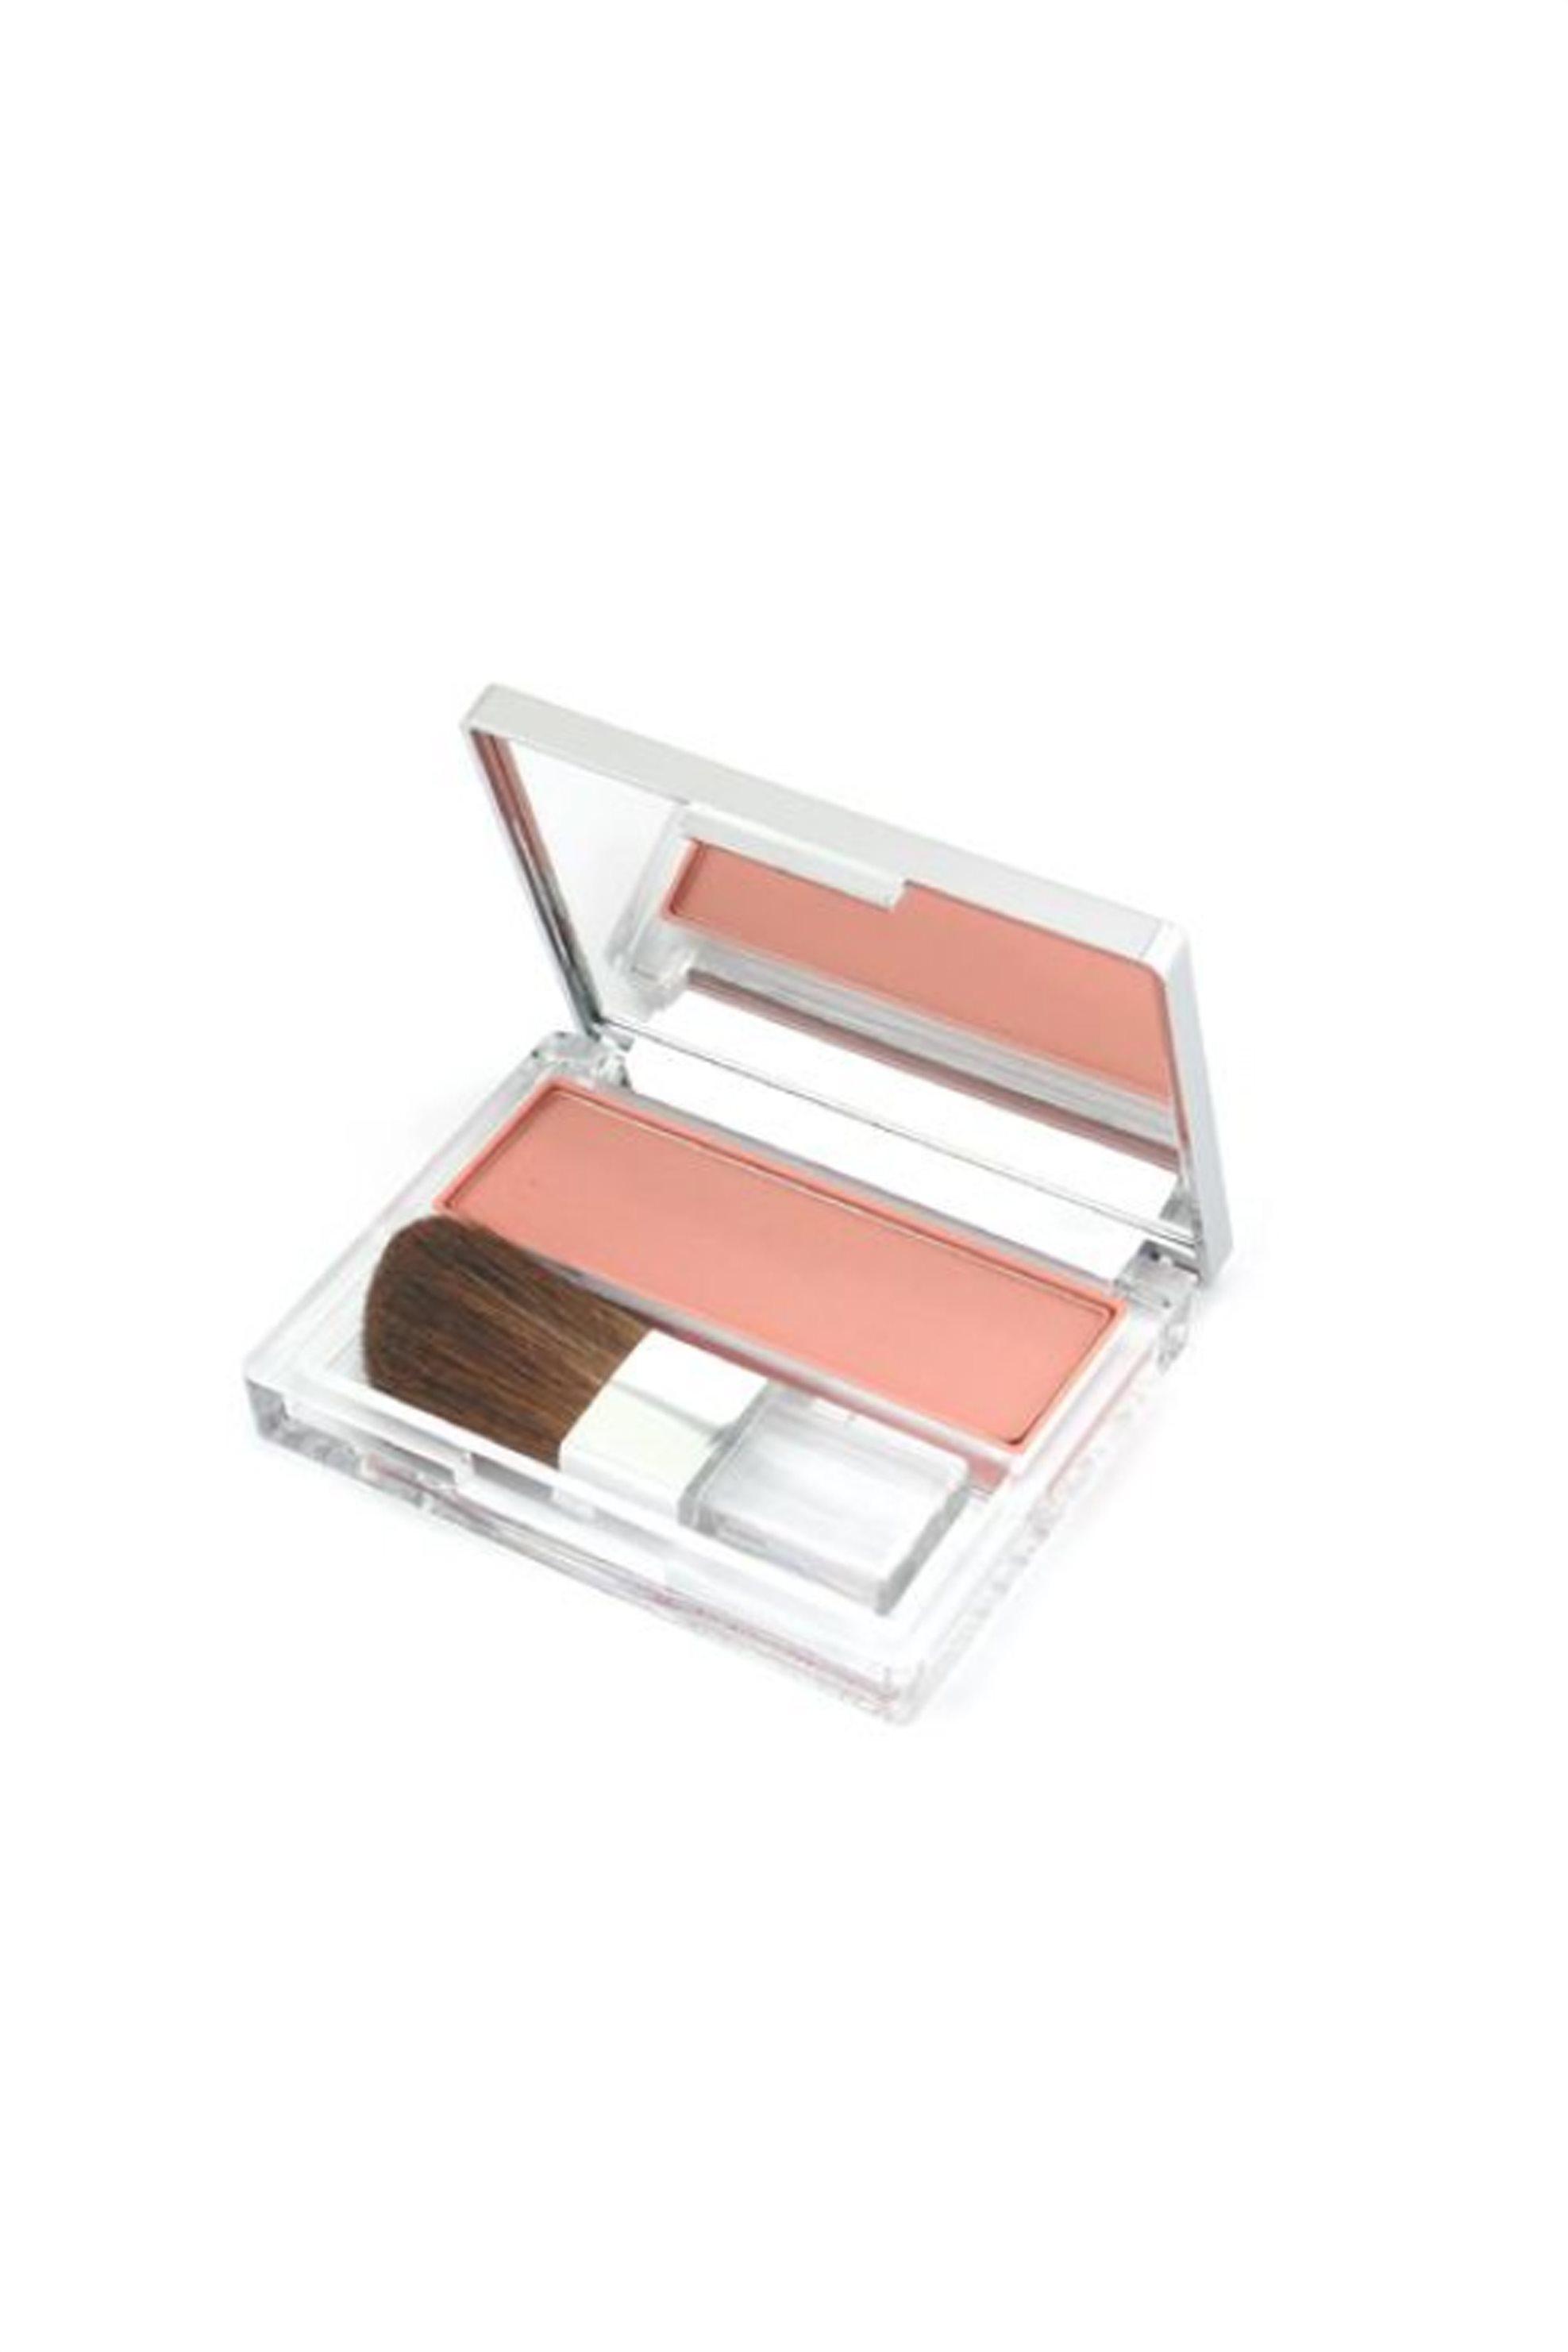 Clinique Blushing Blush™ Powder Blush 102 Innocent Peach 6 gr. - 6FLK020000 ομορφια   καλλυντικα επιλεκτικησ   μακιγιάζ   πρόσωπο   ρουζ